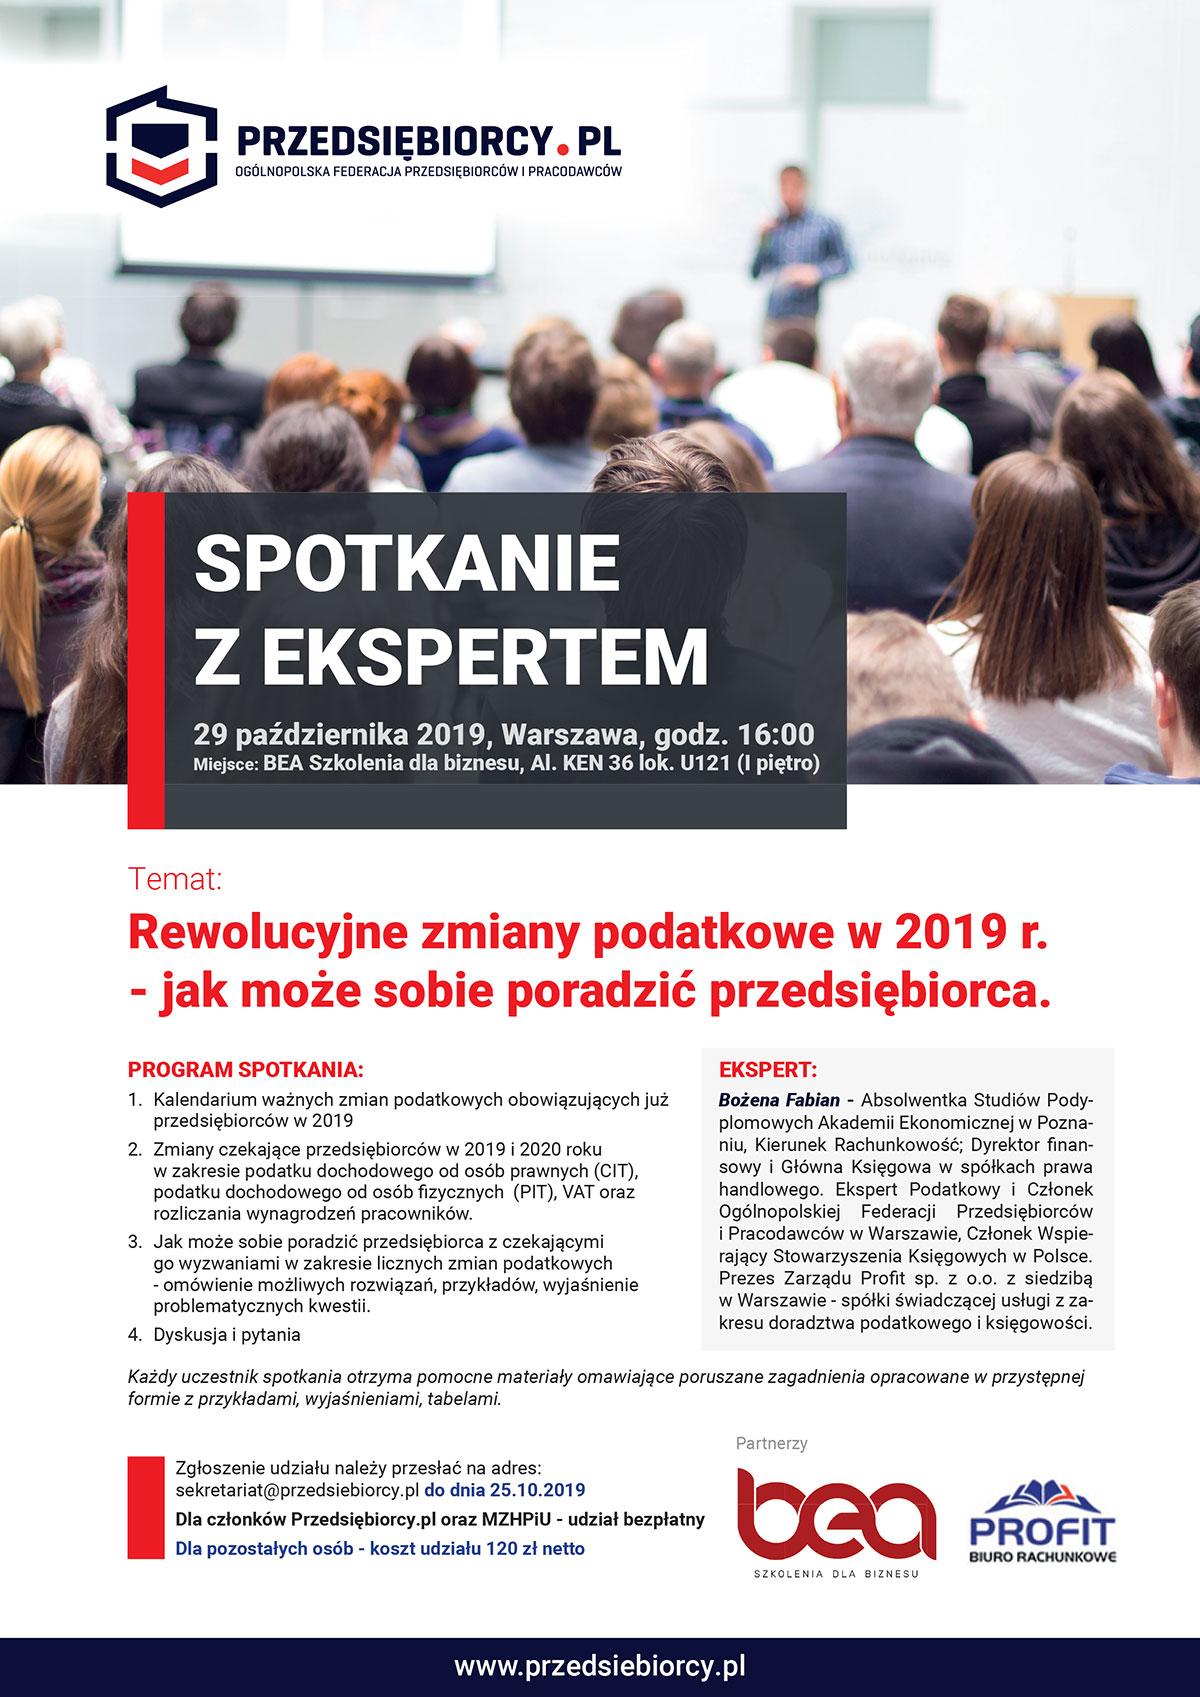 spotkanie z eskpertem, 29.10.2019 (2)